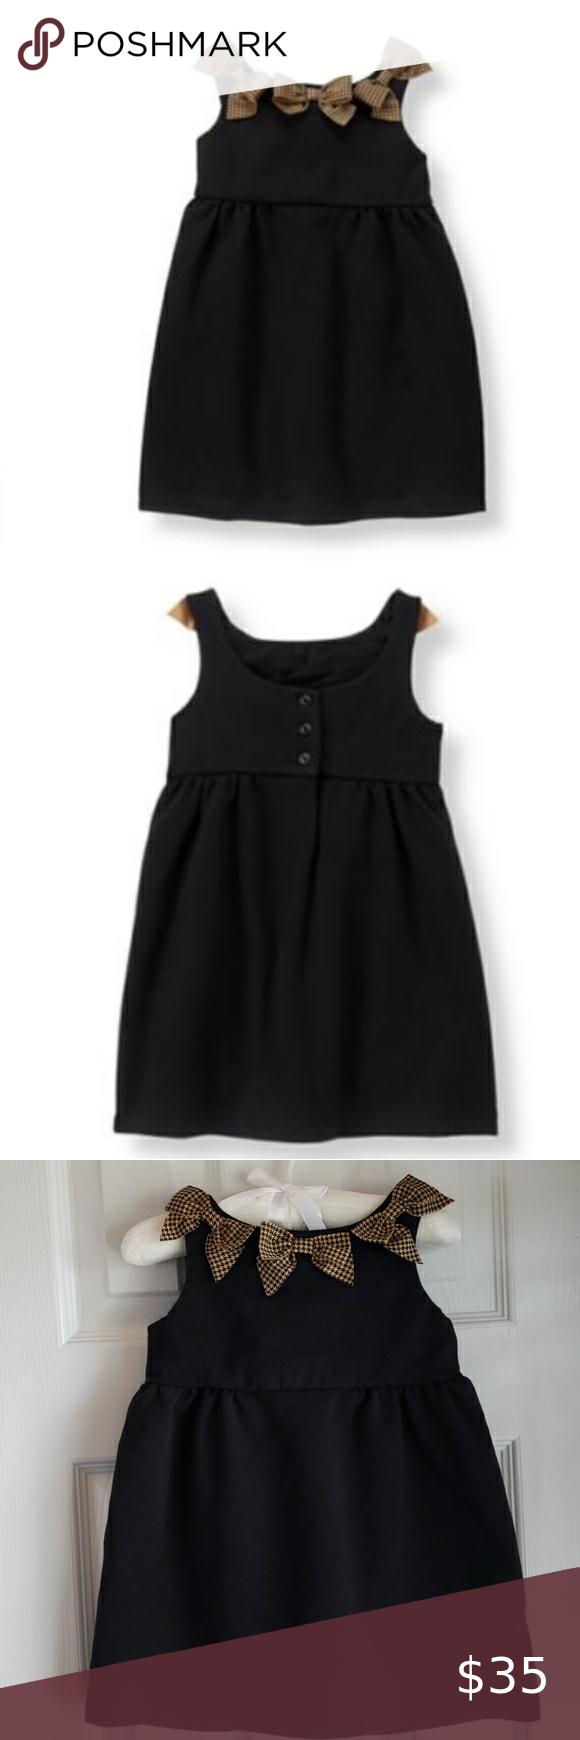 Janie And Jack Dress Size 18 24 Months Dresses Size 18 Dress Clothes Design [ 1740 x 580 Pixel ]